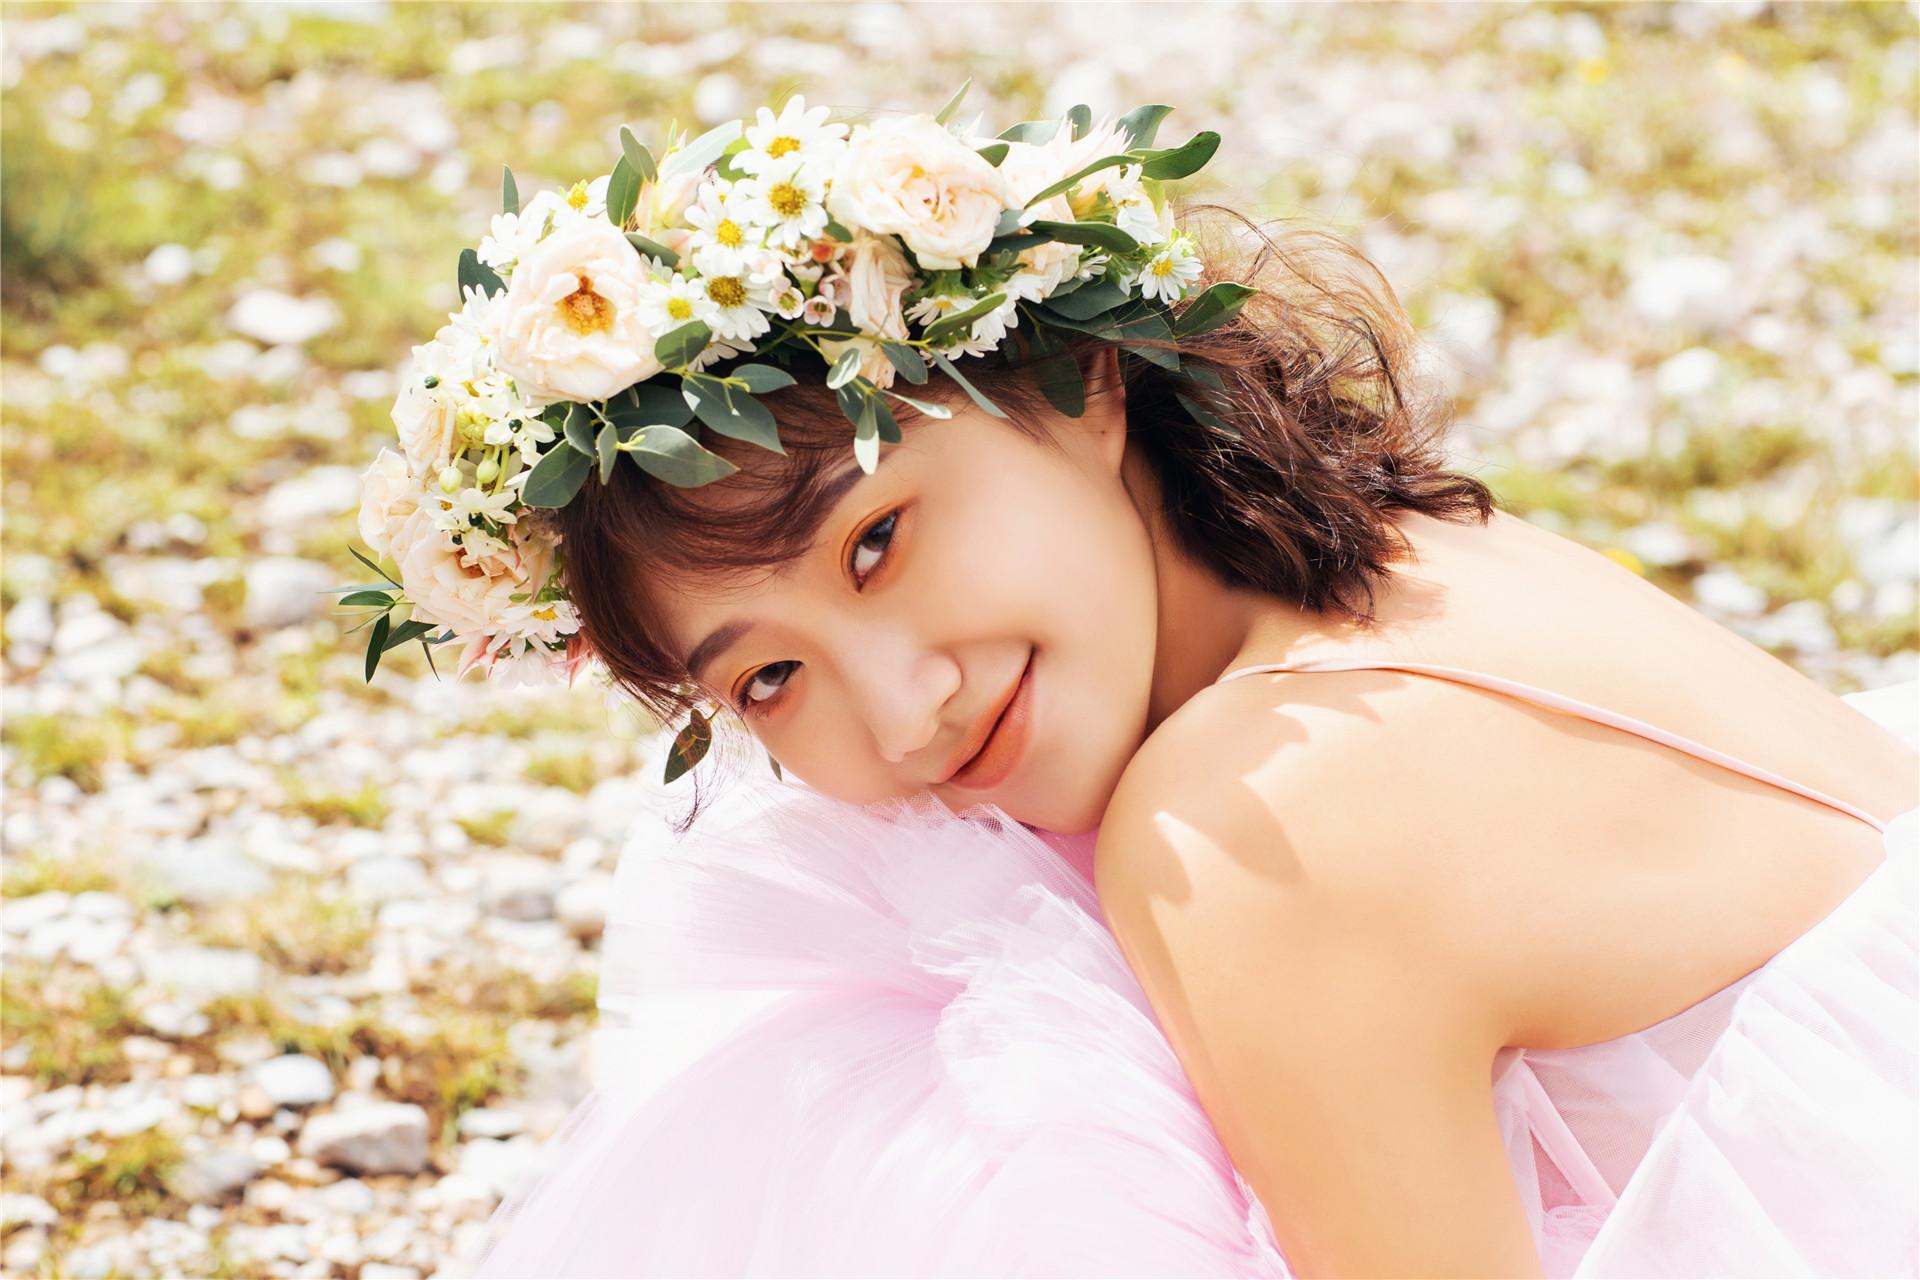 备受关注!丽江婚纱店排名前十有哪几家,丽江婚纱摄影前十名排列